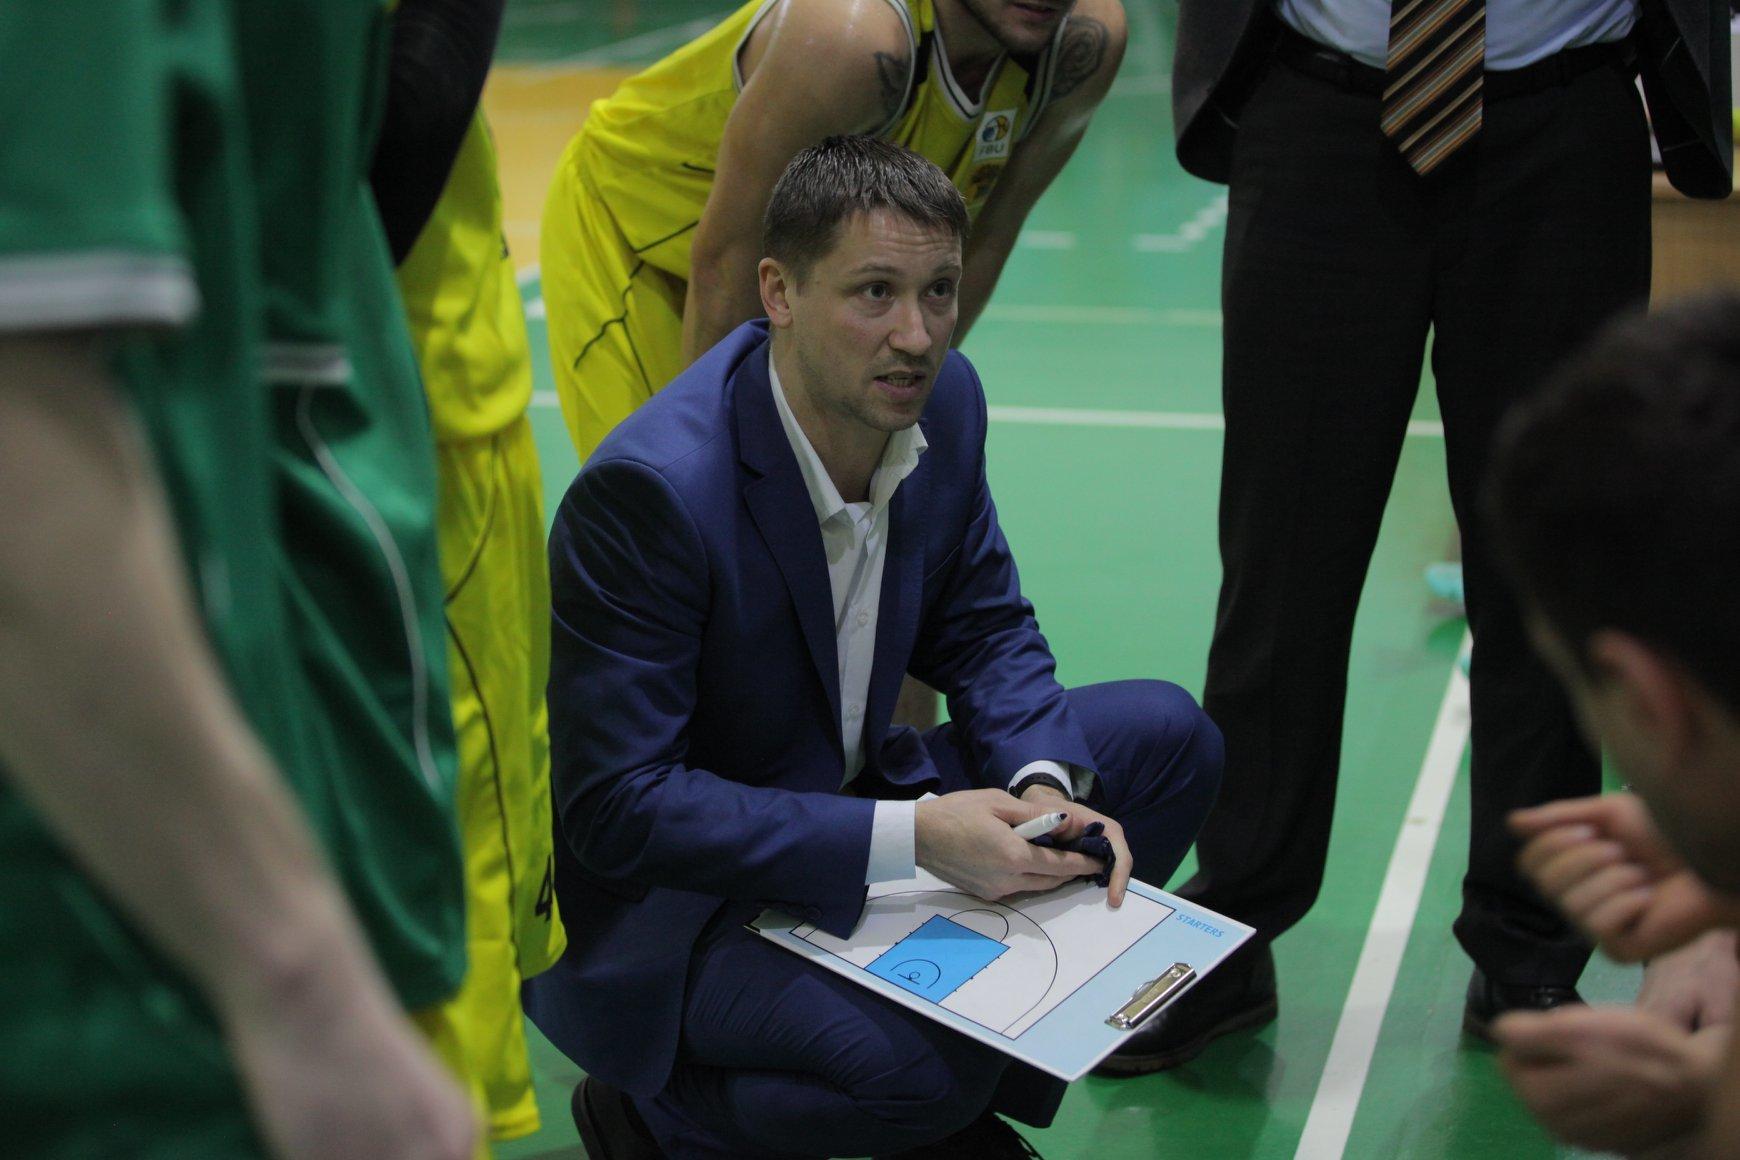 Дмитро Забірченко: в збірній України багато гравців можуть повести за собою, але головне – командні дії